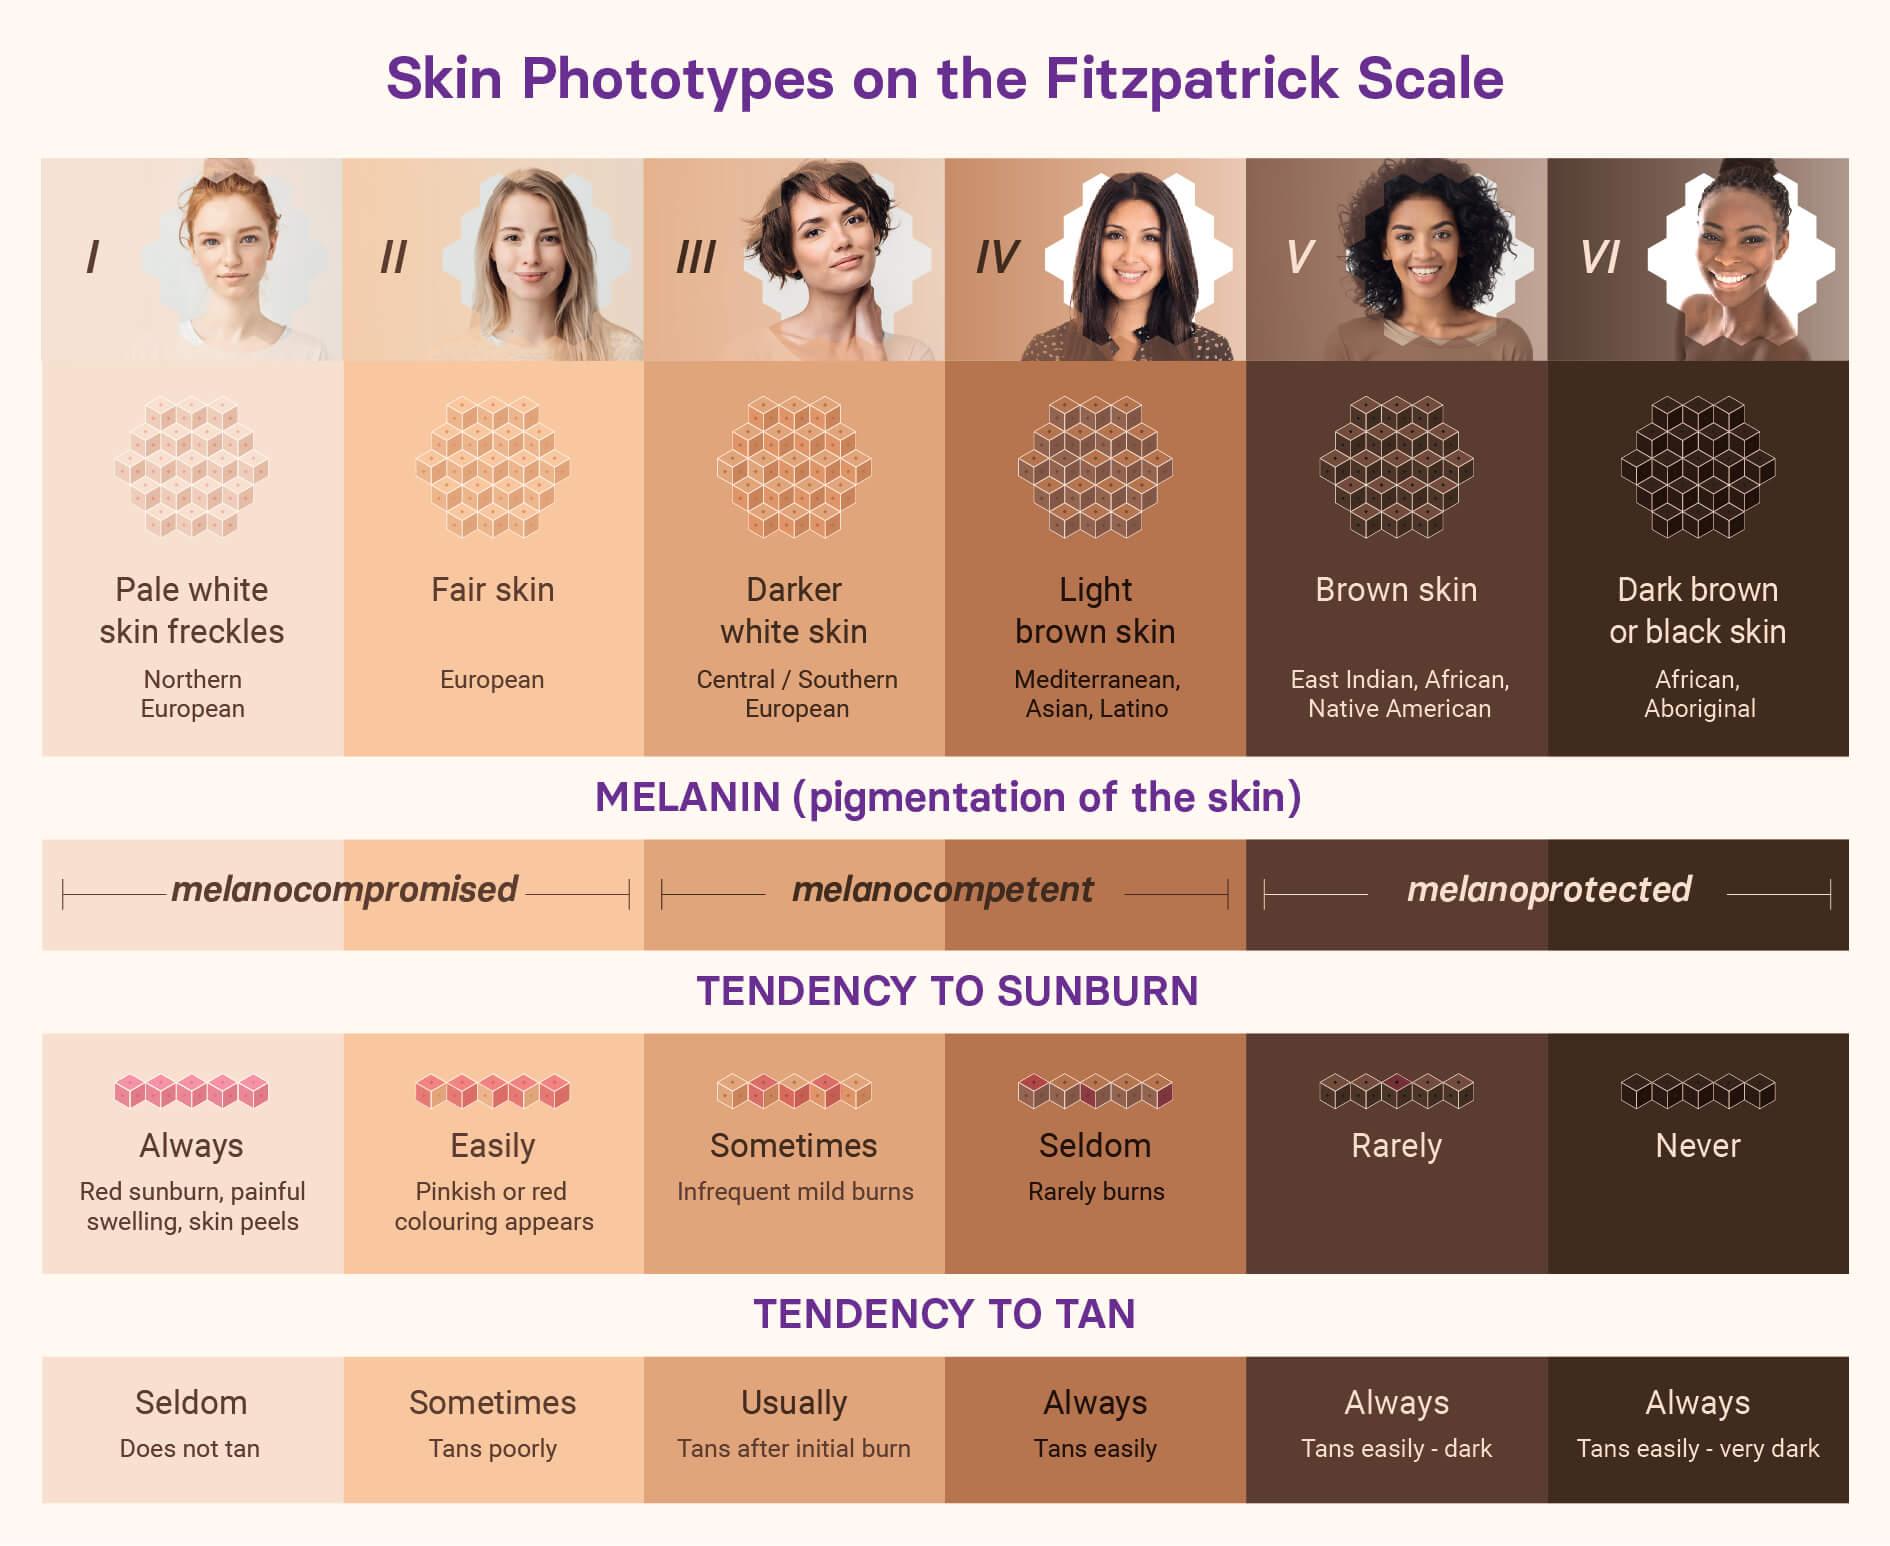 Fitzpatrick Phototype Scale